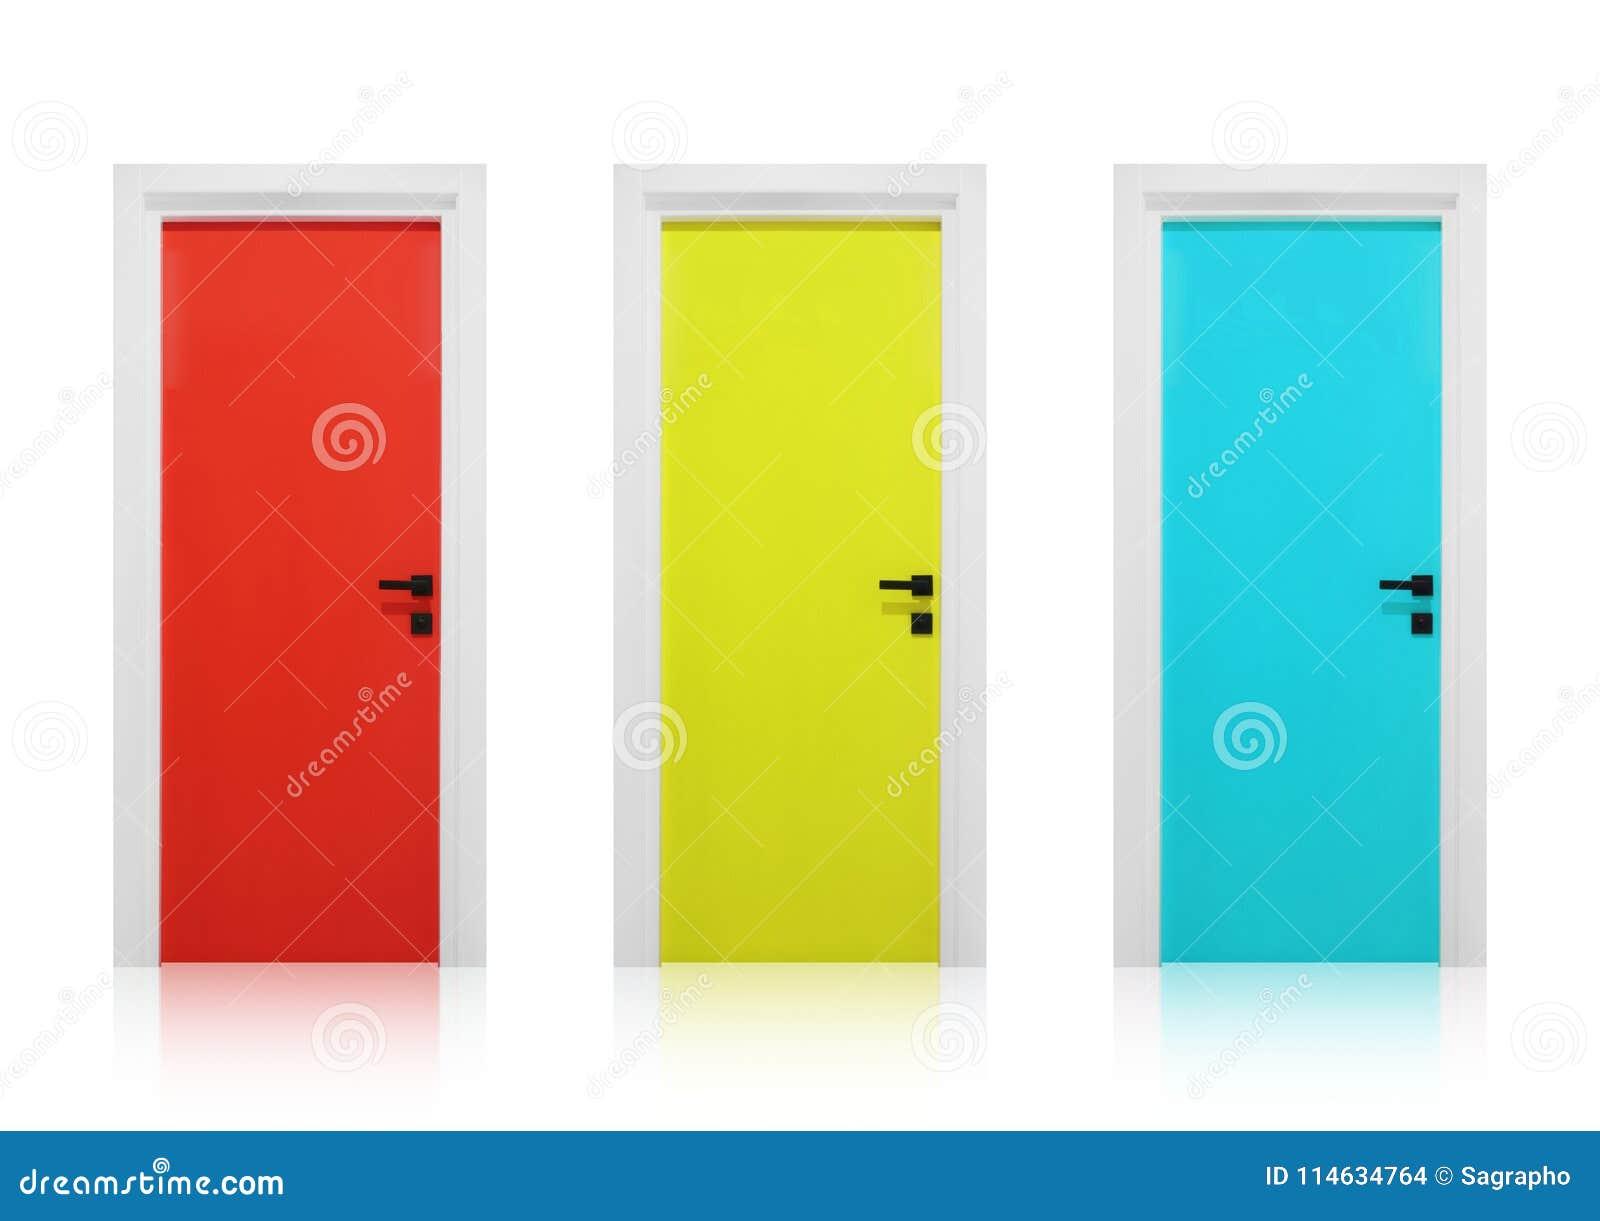 Κόκκινες, κίτρινες και κυανές πόρτες σε ένα άσπρο υπόβαθρο